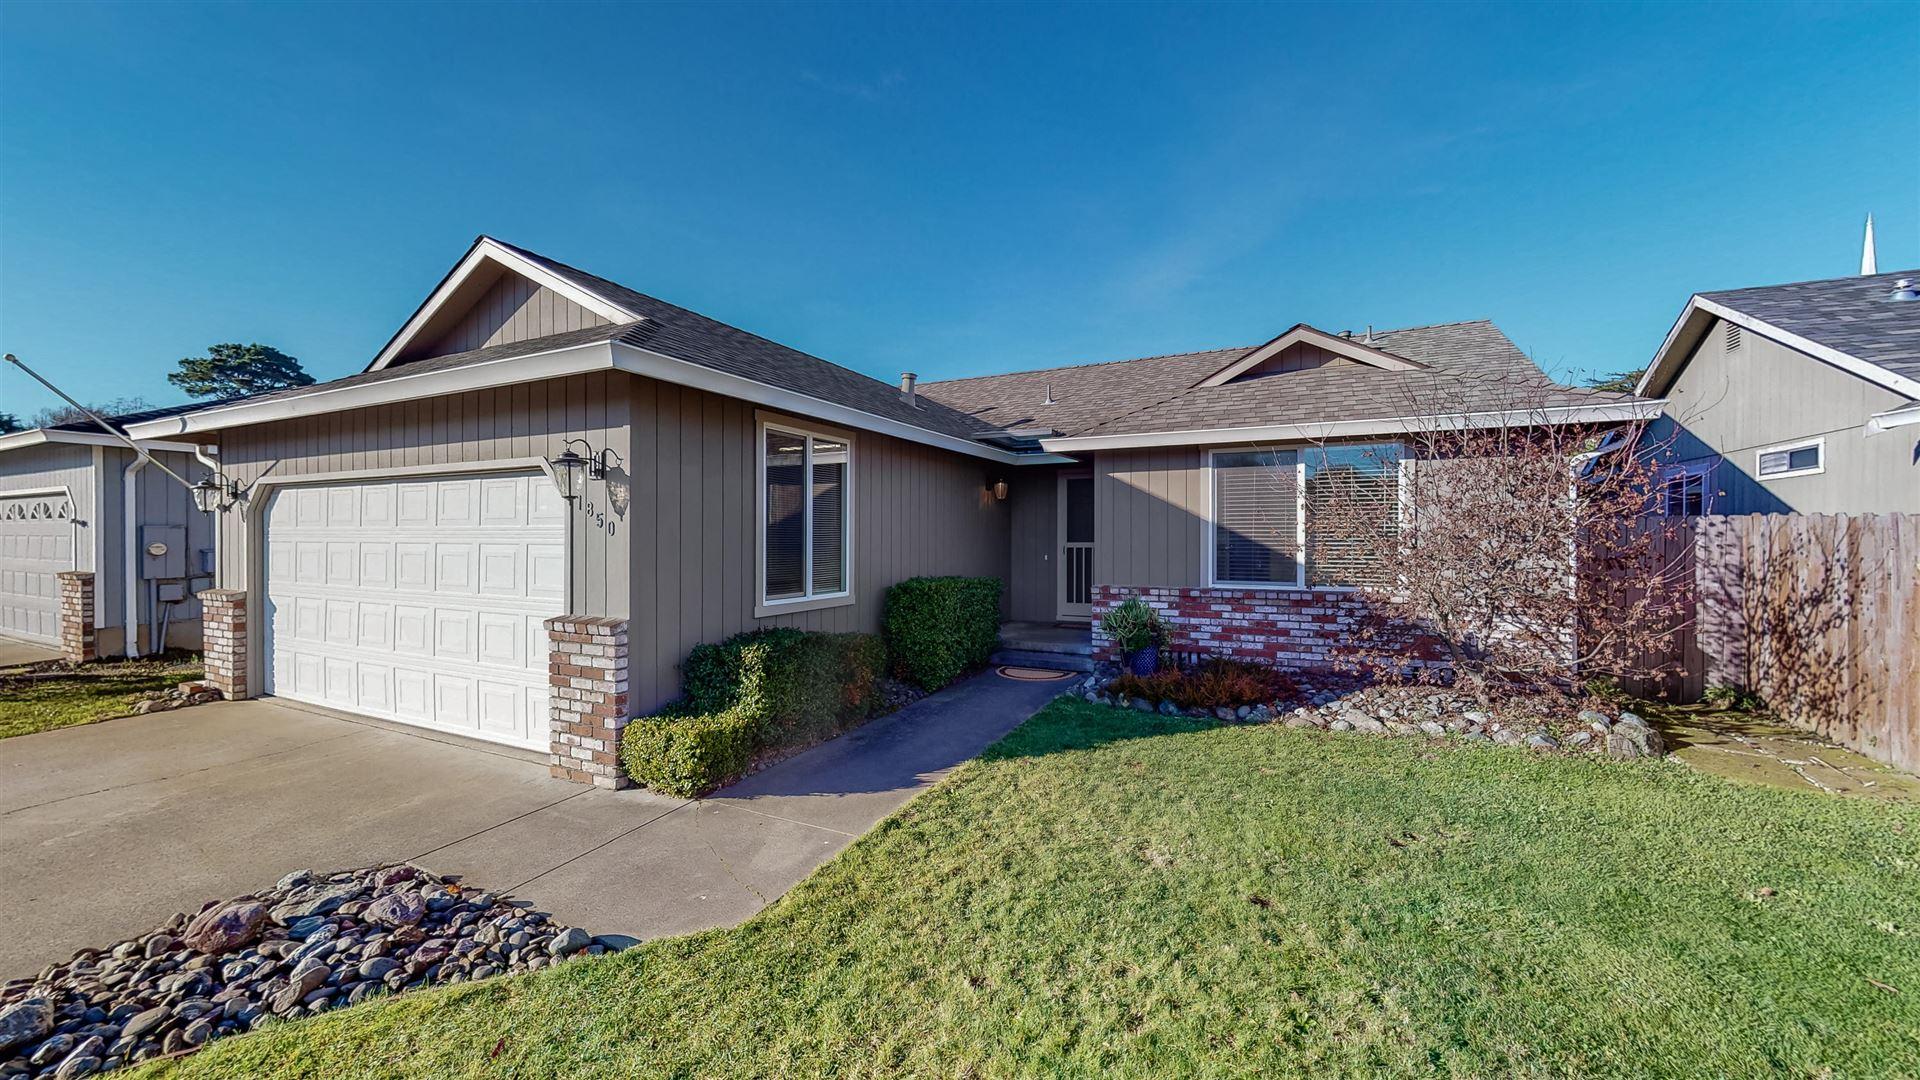 1850 Manzanita Street, McKinleyville, CA 95519 - MLS#: 258165